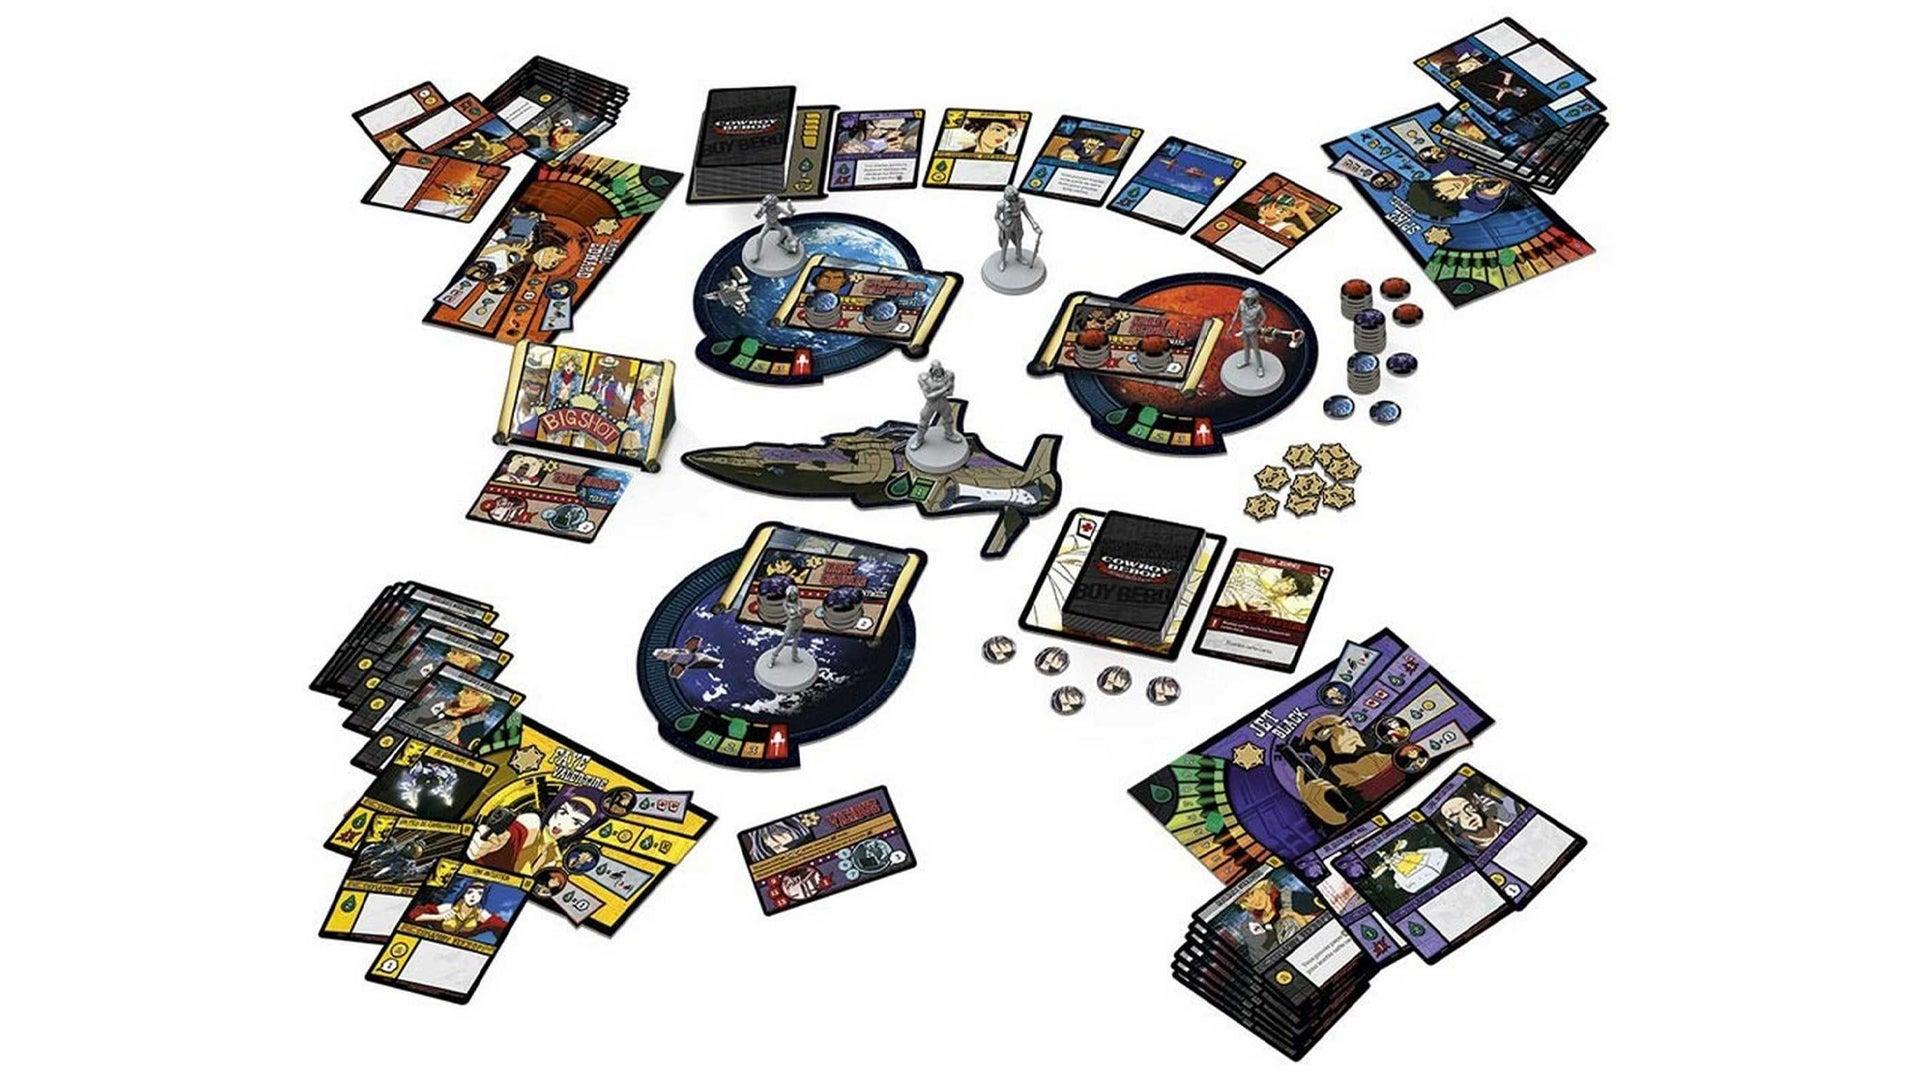 cowboy-bebop-space-serenade-board-game-gameplay.jpg